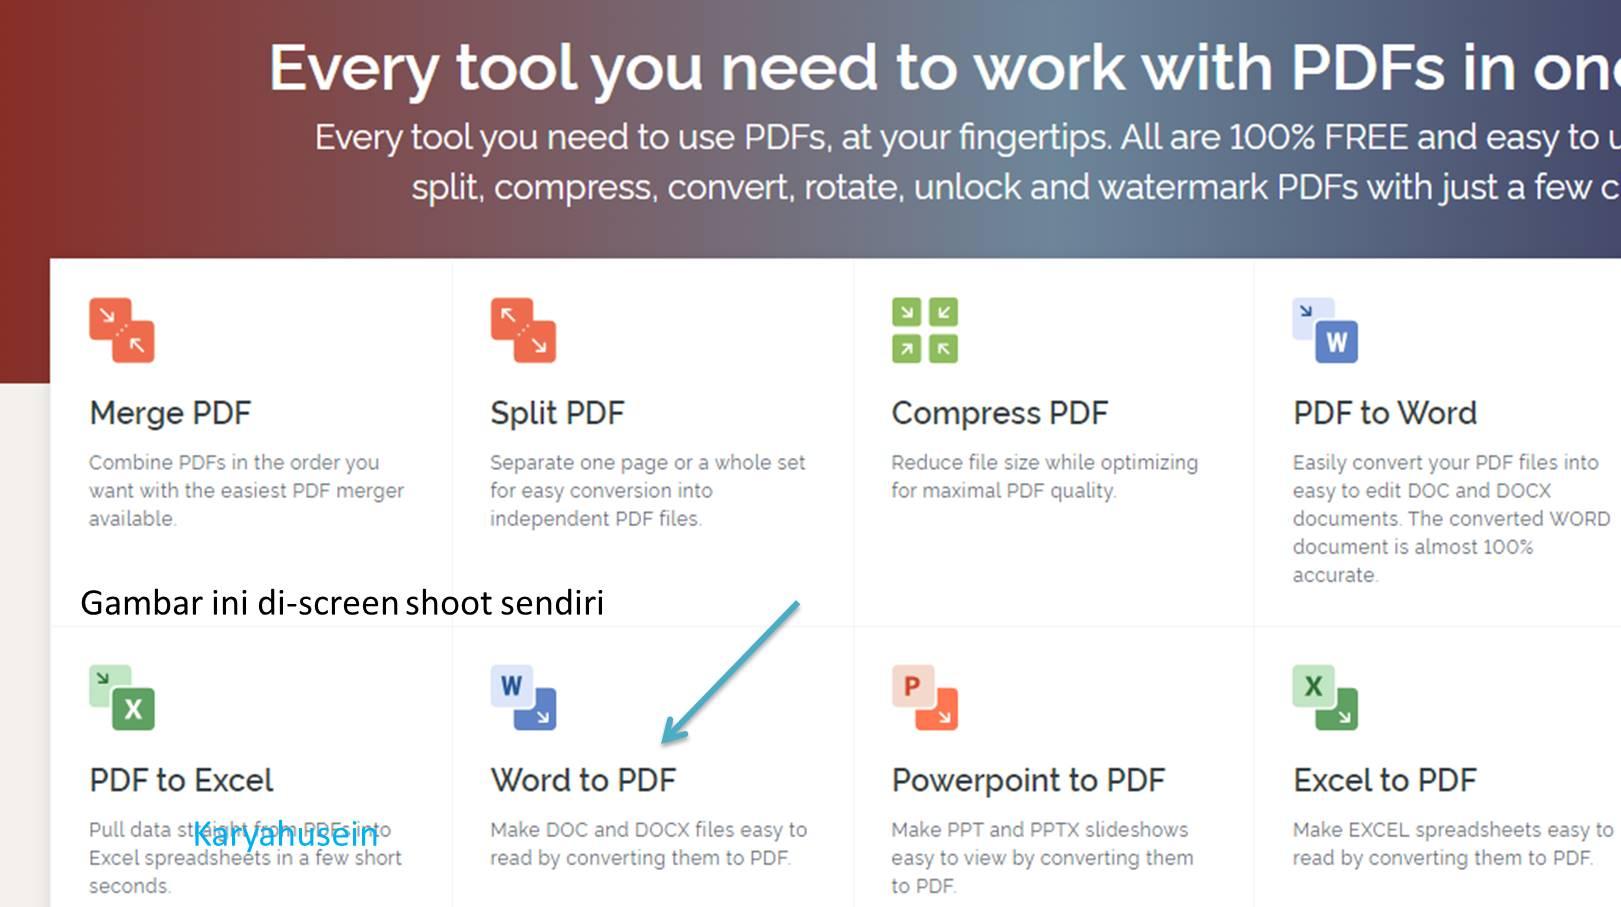 cara merubah Word ke PDF